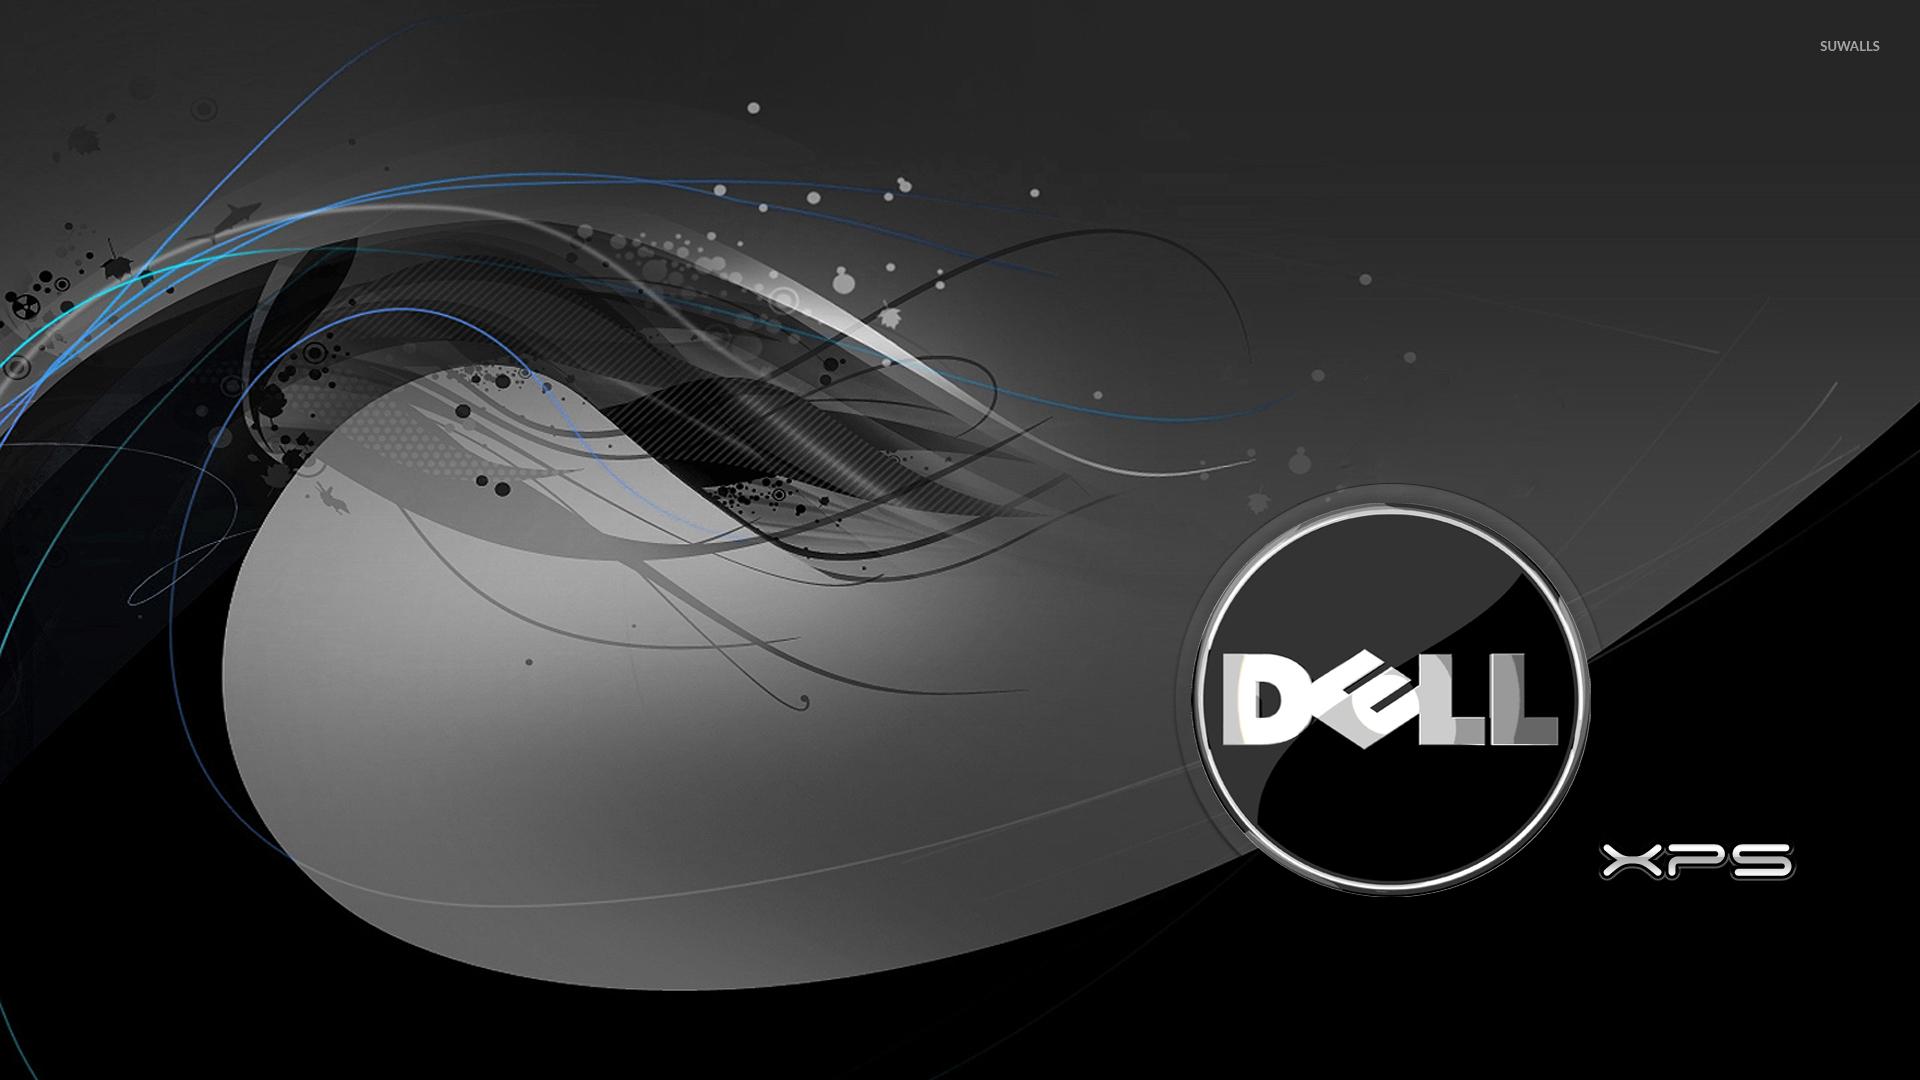 Dell XPS wallpaper 1920x1080 1920x1080